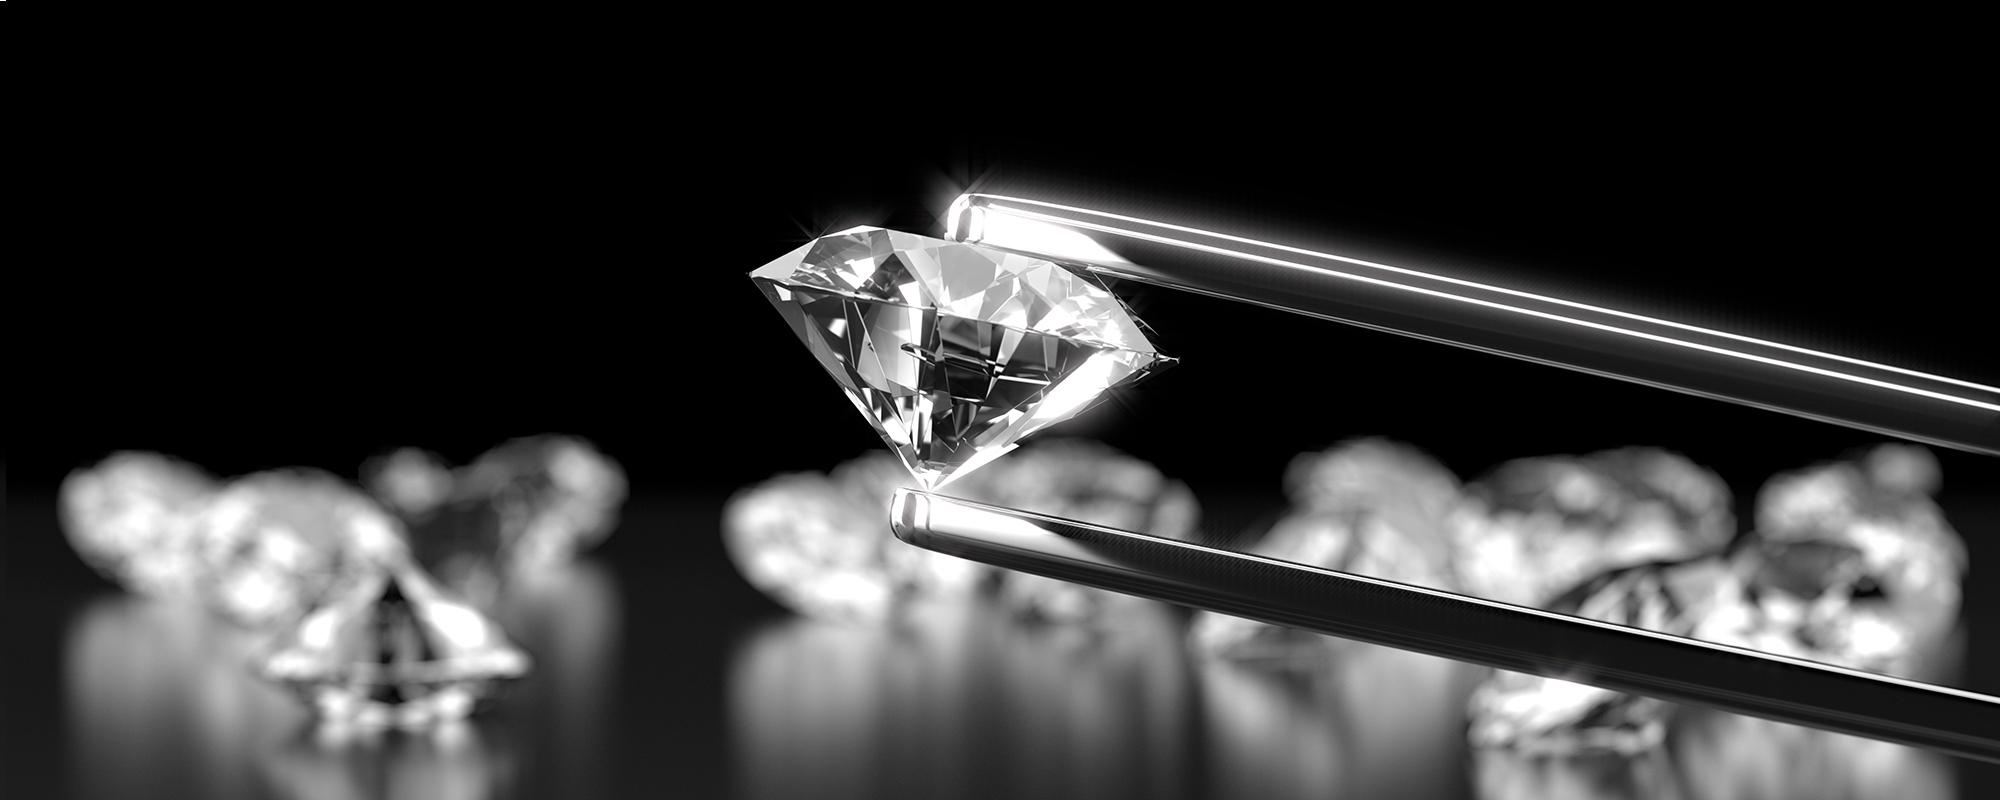 ダイヤモンド買取でキララを選ぶメリット